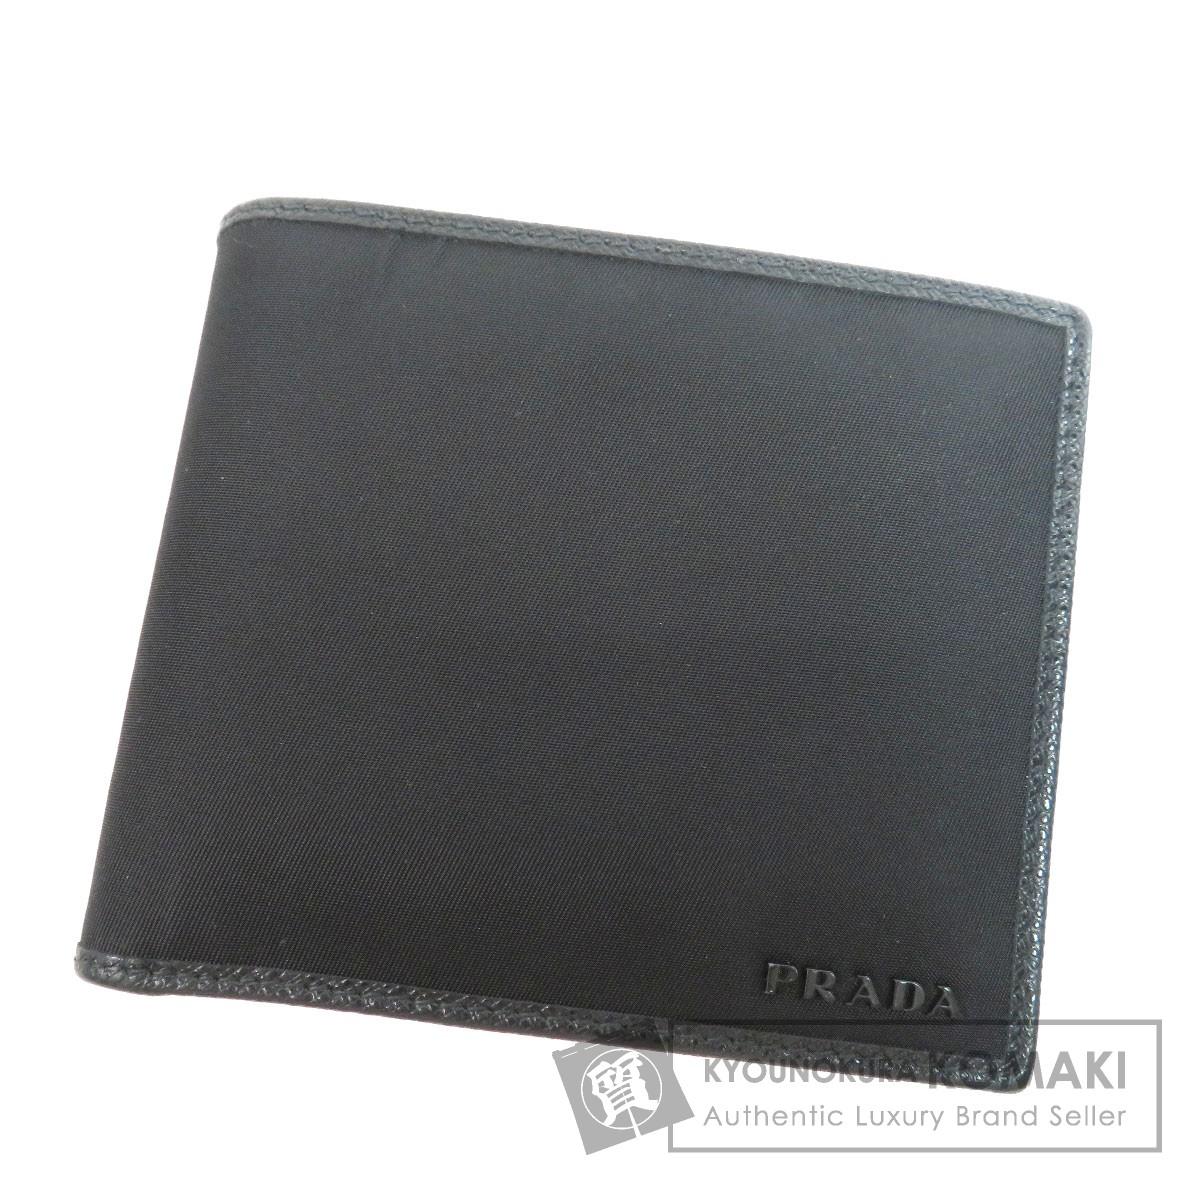 プラダ ロゴマーク 二つ折り財布(小銭入れあり) ナイロン素材 メンズ 【中古】 【PRADA】